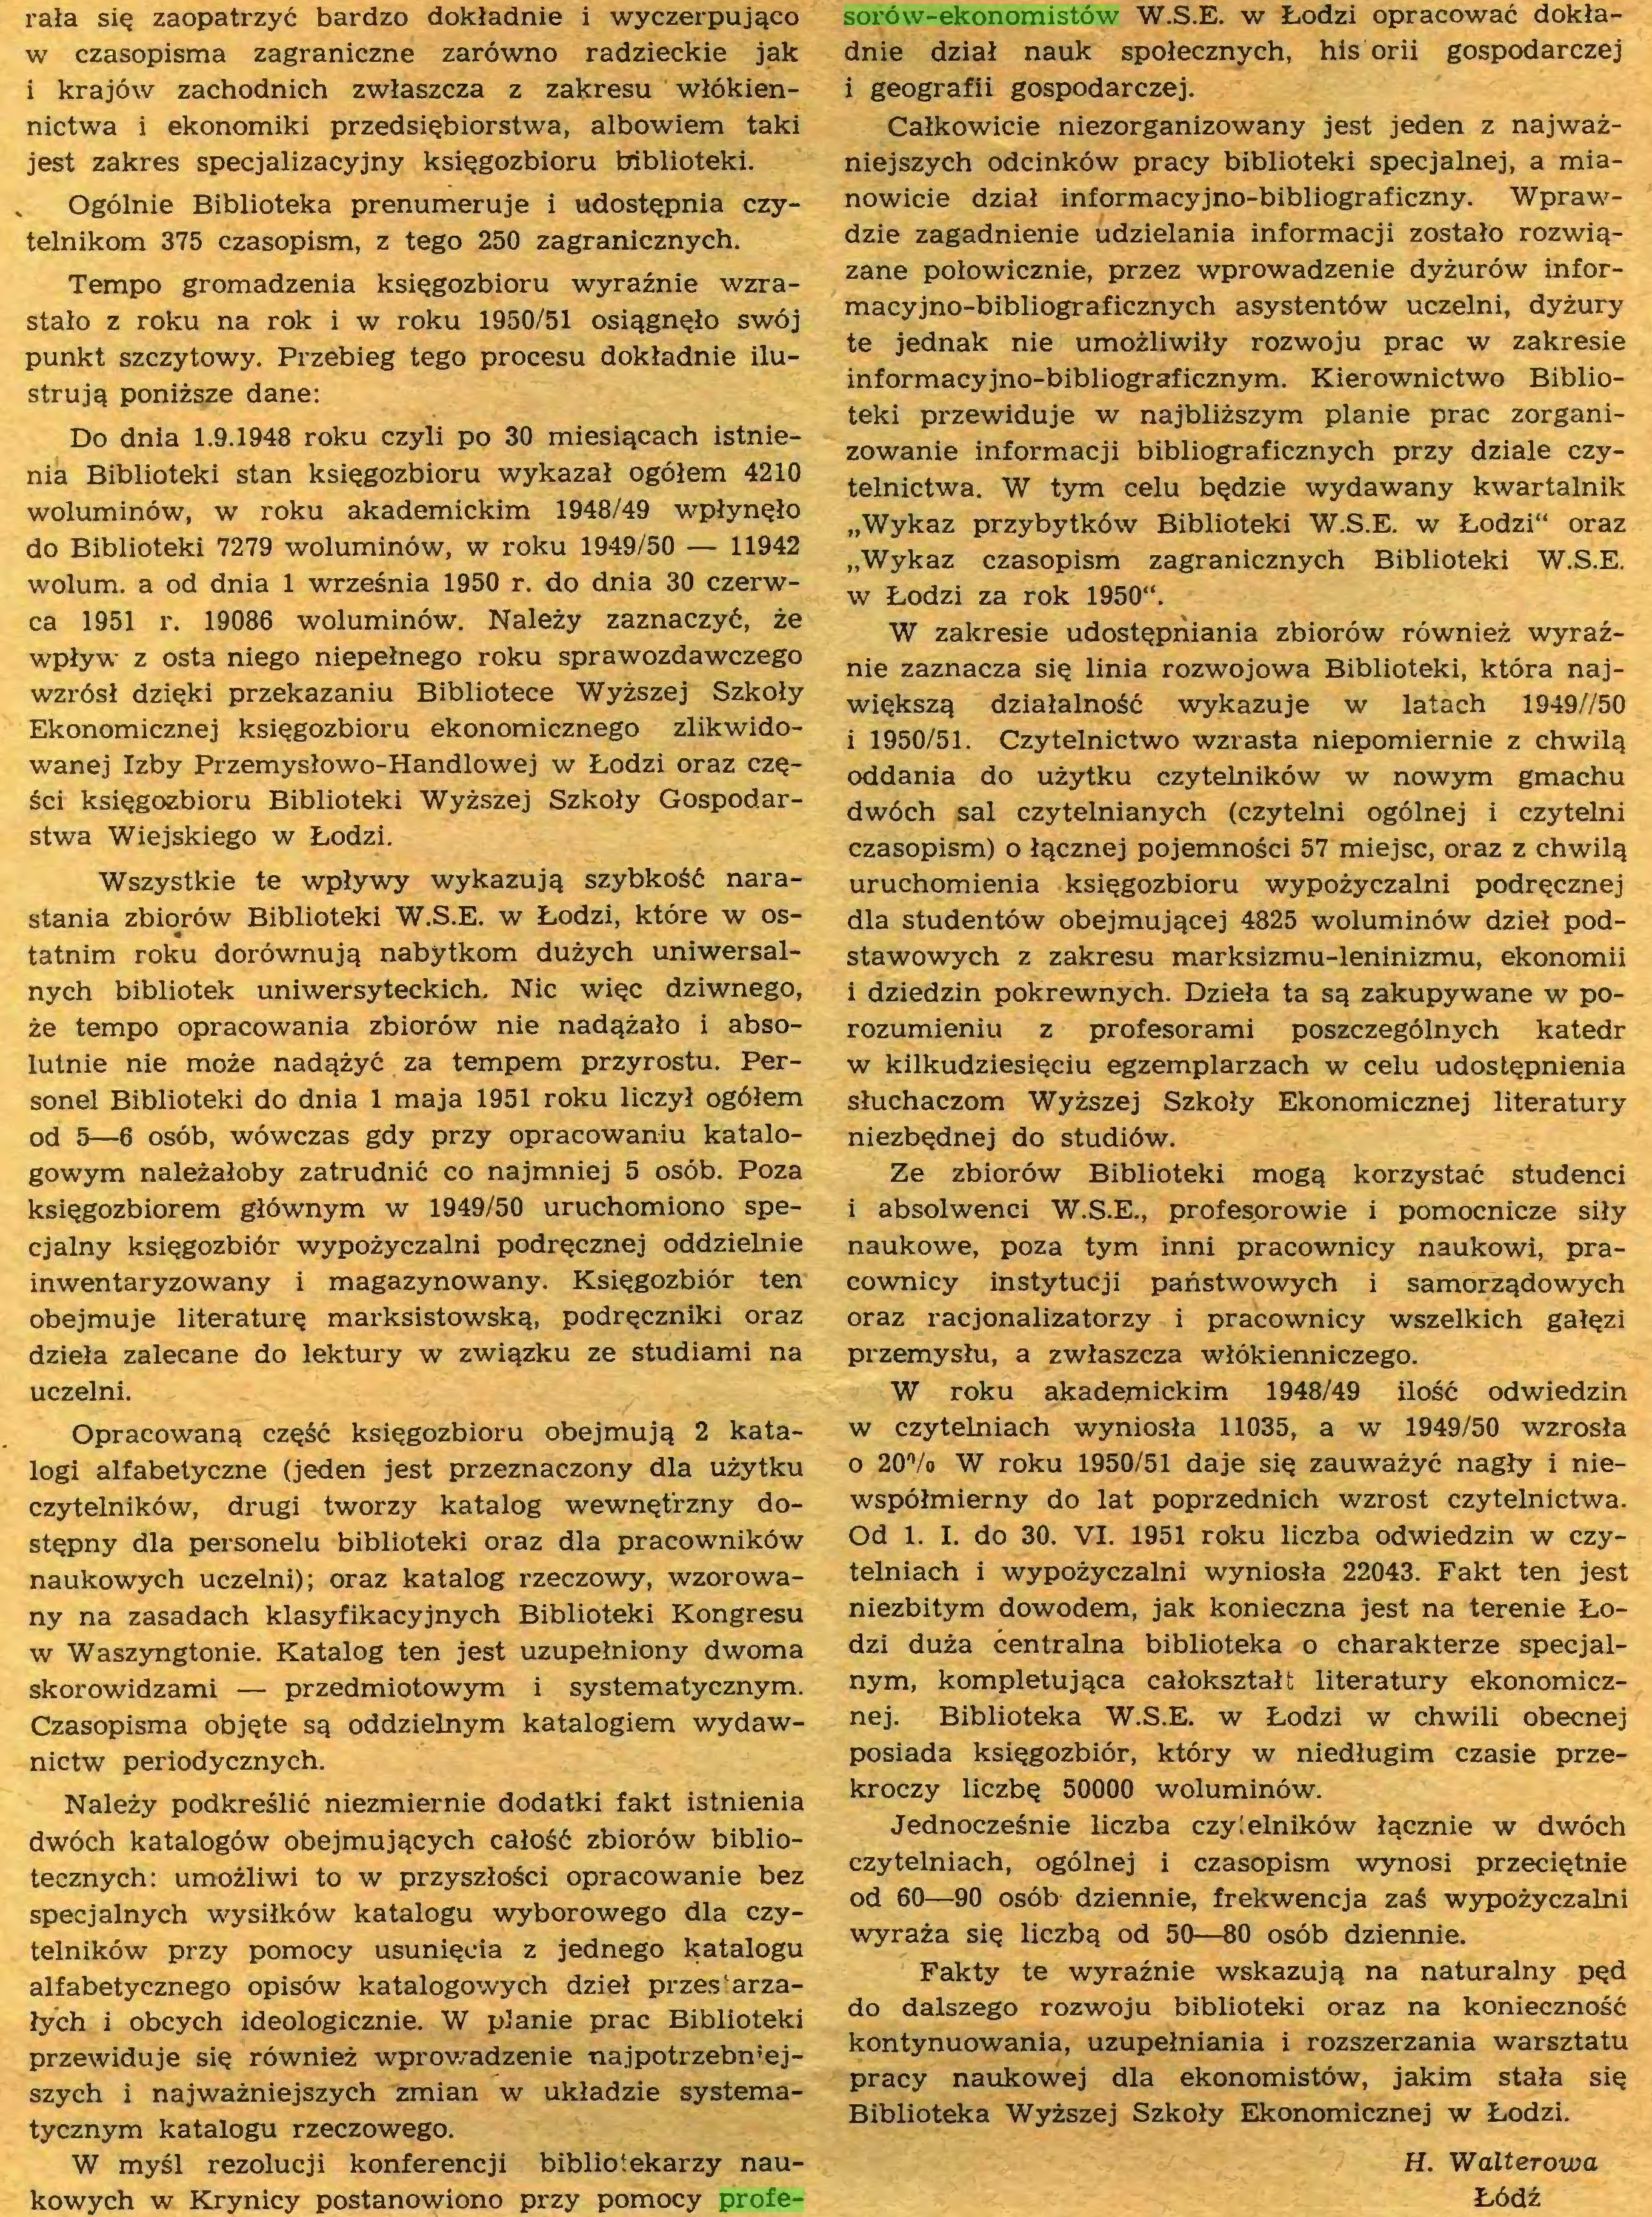 (...) W myśl rezolucji konferencji bibliotekarzy naukowych w Krynicy postanowiono przy pomocy profe¬ sorów-ekonomistów W.S.E. w Łodzi opracować dokładnie dział nauk społecznych, his orii gospodarczej i geografii gospodarczej...